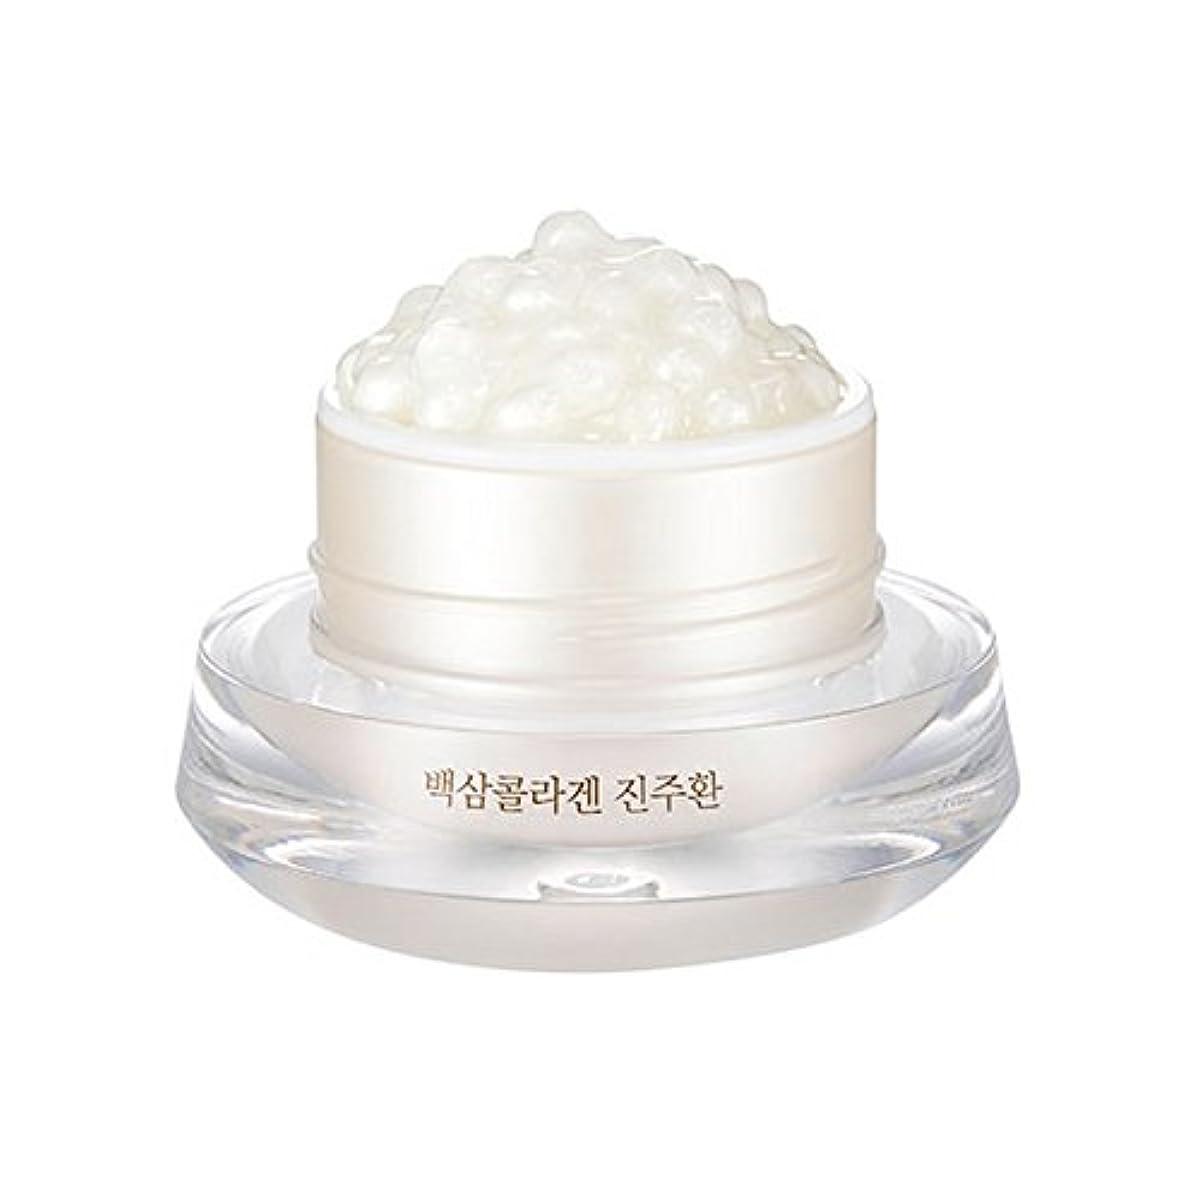 ばかバルブ好み[ザ?フェイスショップ] The Face Shop 白参 コラーゲン パール カプセルクリーム White Ginseng Collagen Pearl Capsule Cream [並行輸入品]